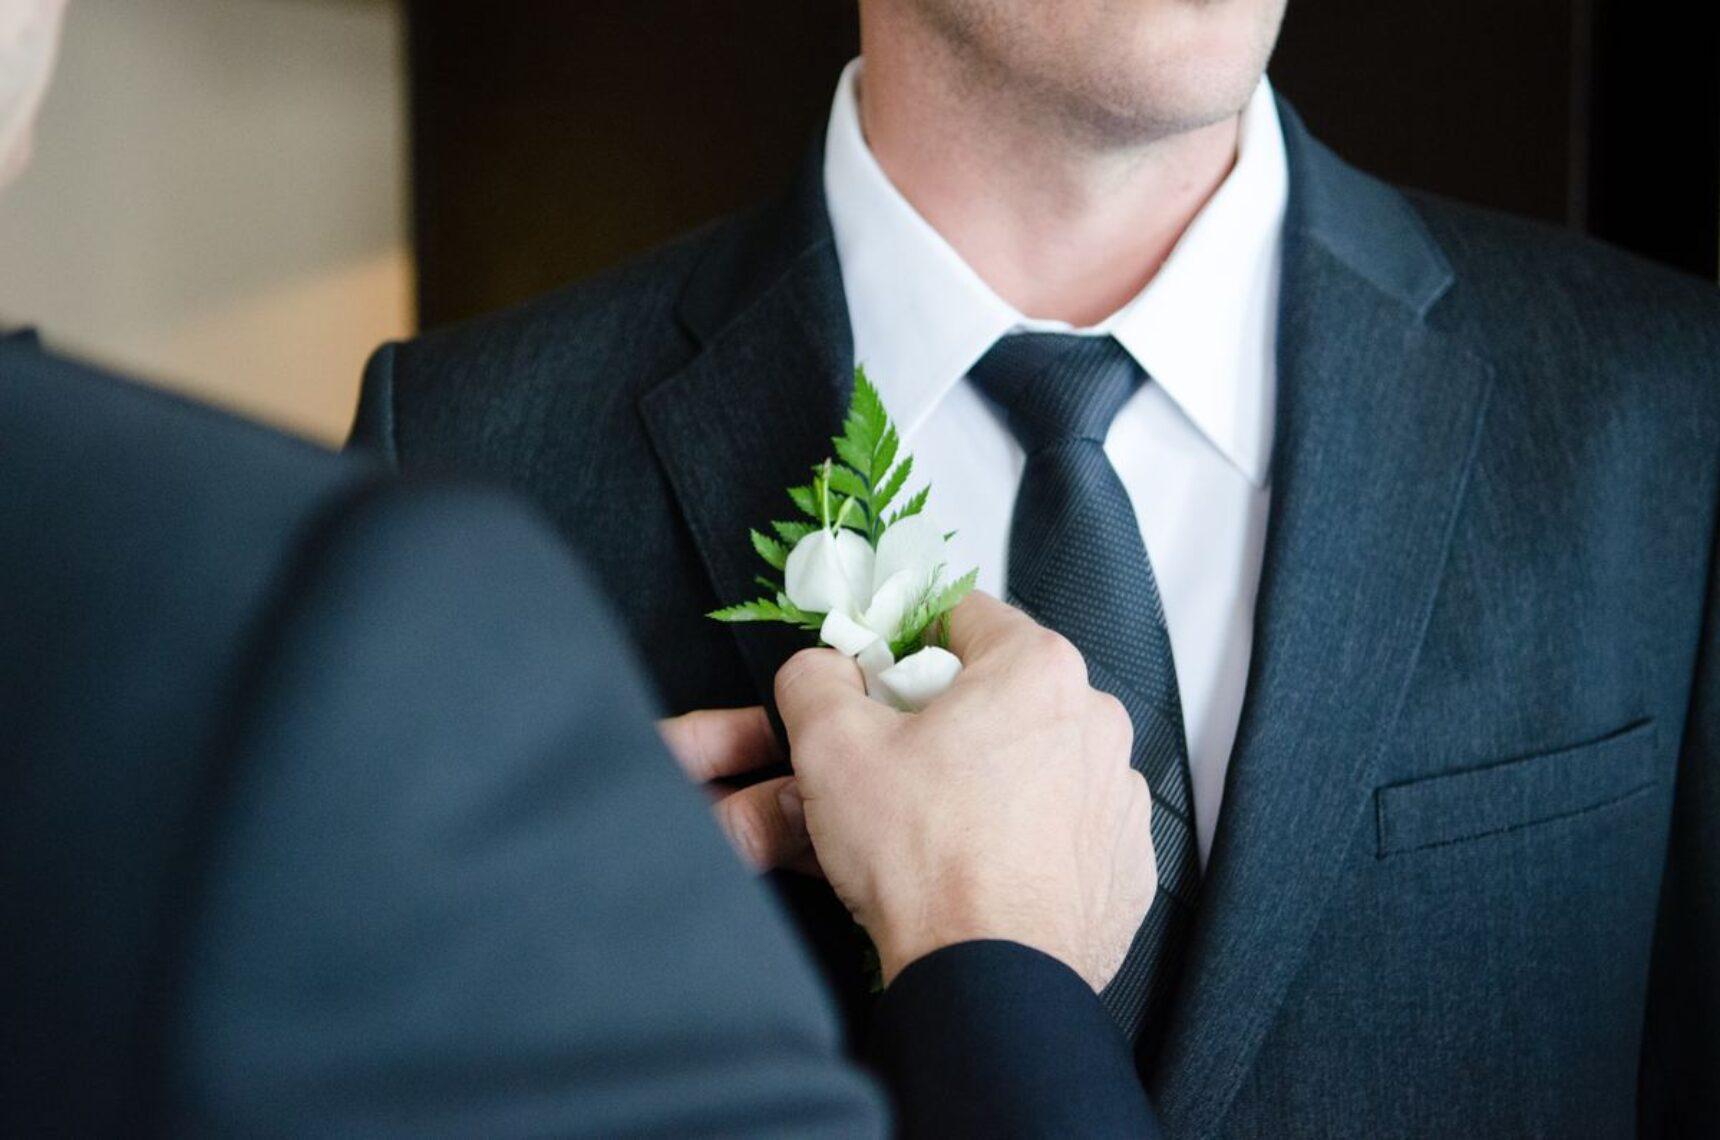 Czas wybrać garnitur ślubny! Czy panna młoda powinna towarzyszyć narzeczonemu?